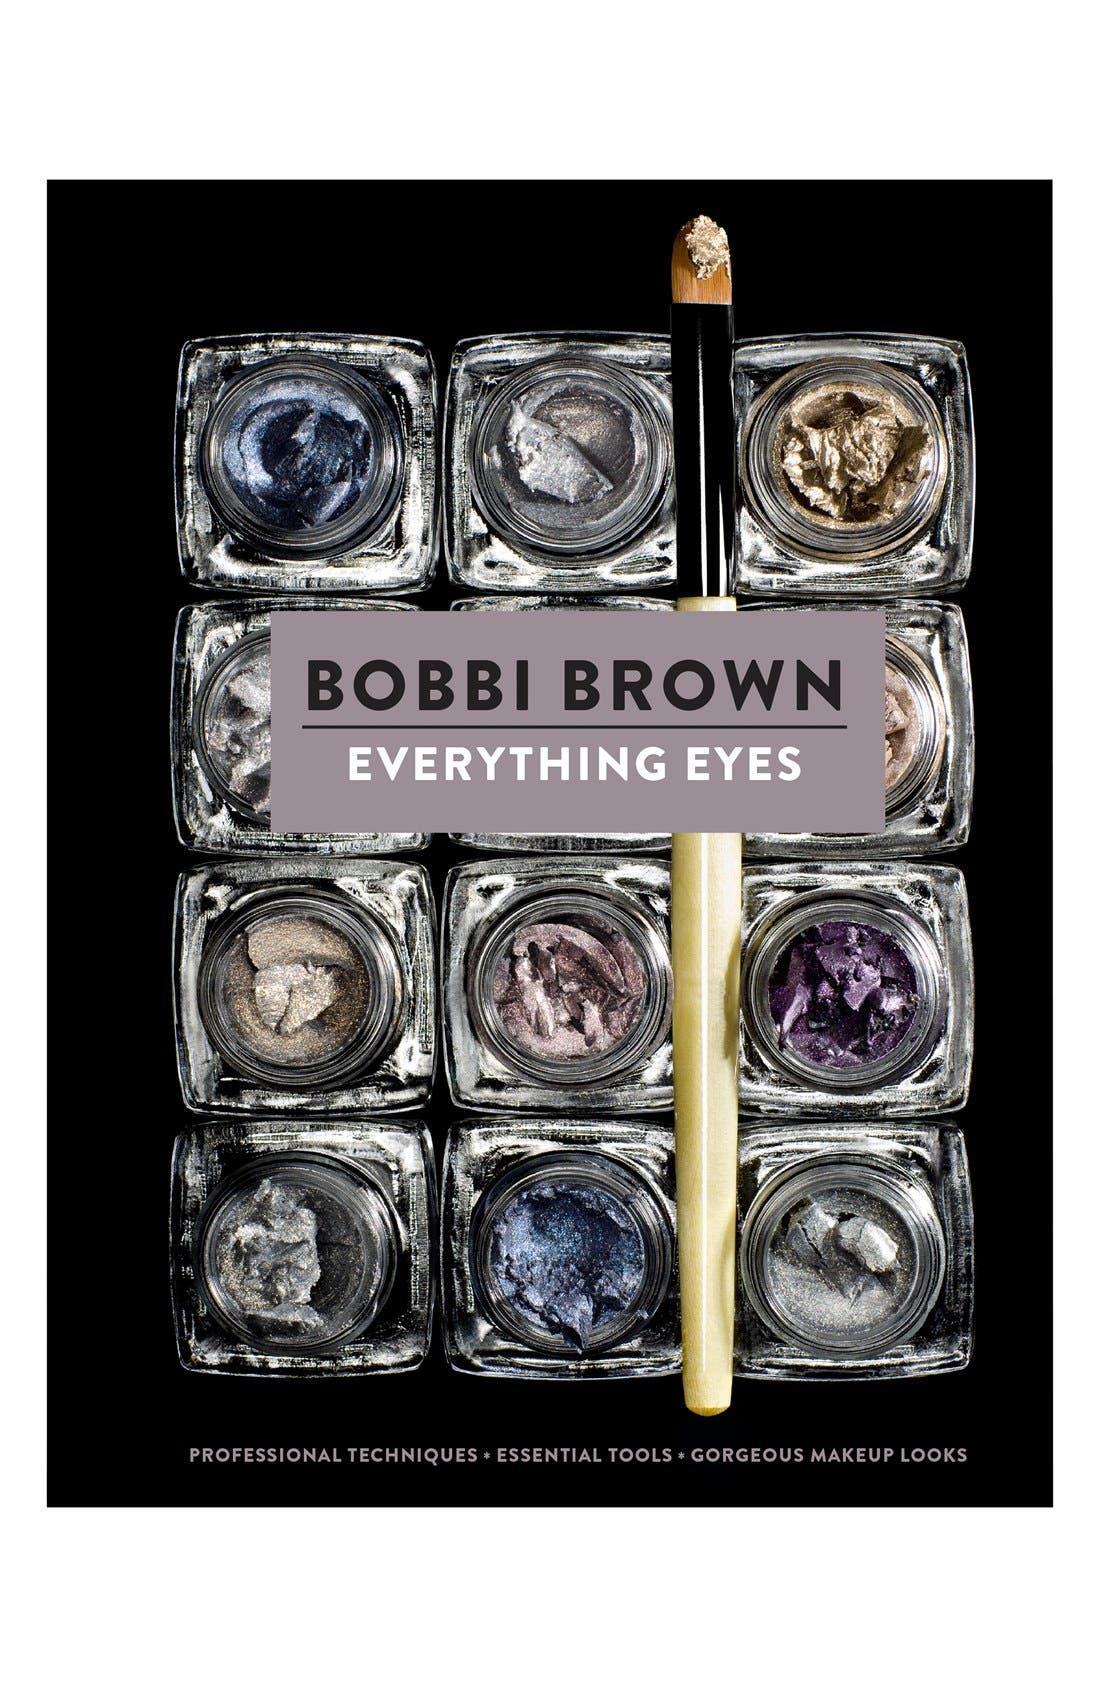 Bobbi Brown 'Everything Eyes' Book